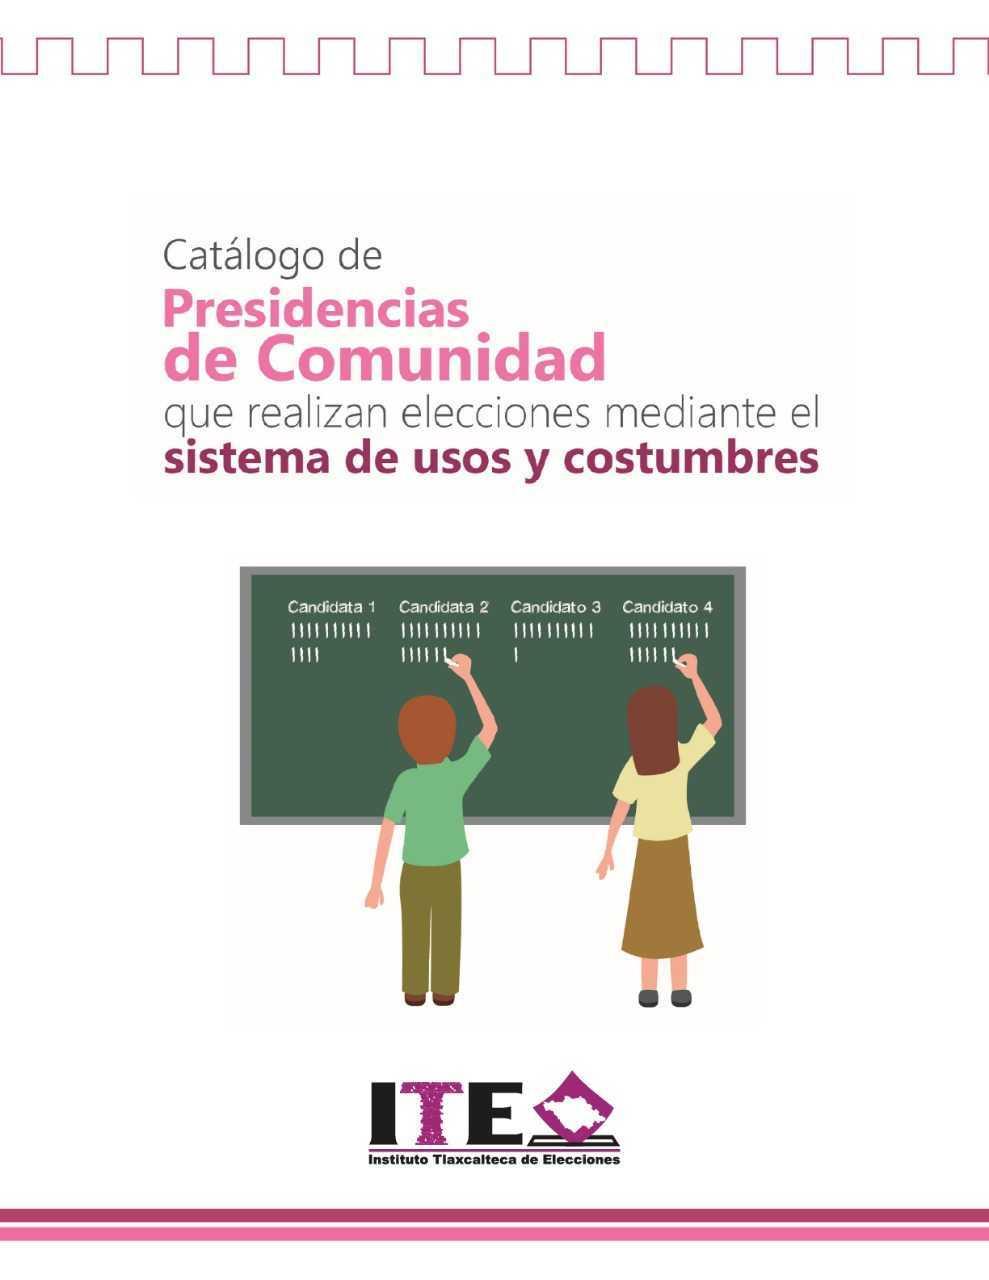 Edita ITE catálogo de presidencias de comunidad que eligen autoridad por usos y costumbres